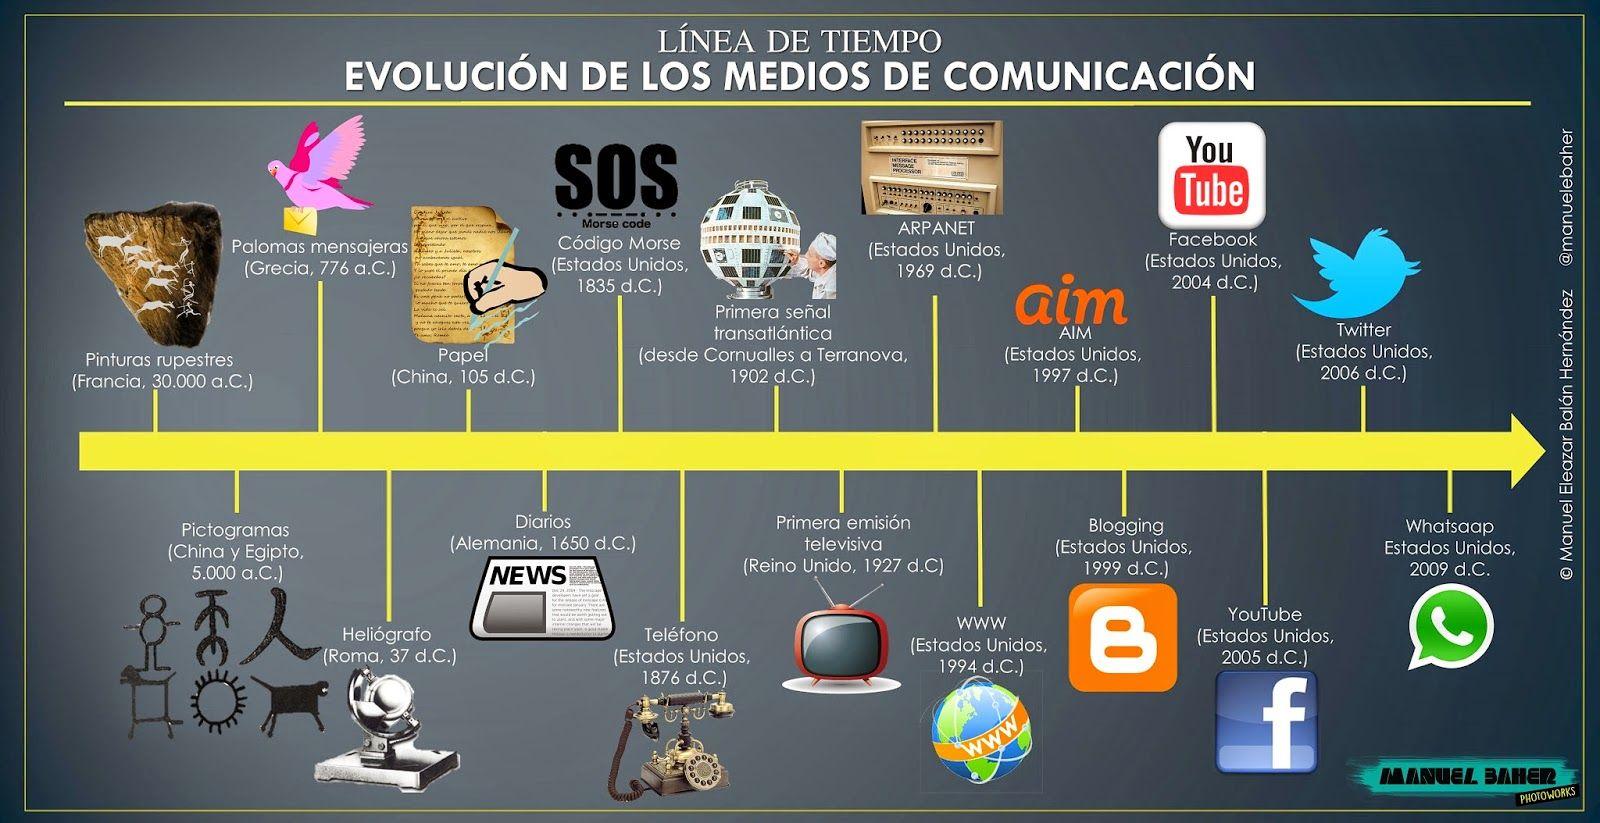 Manuelebaher Photoworks Tecnologias De La Comunicacion Linea Del Tiempo Tecnologias De La Informacion Y Comunicacion